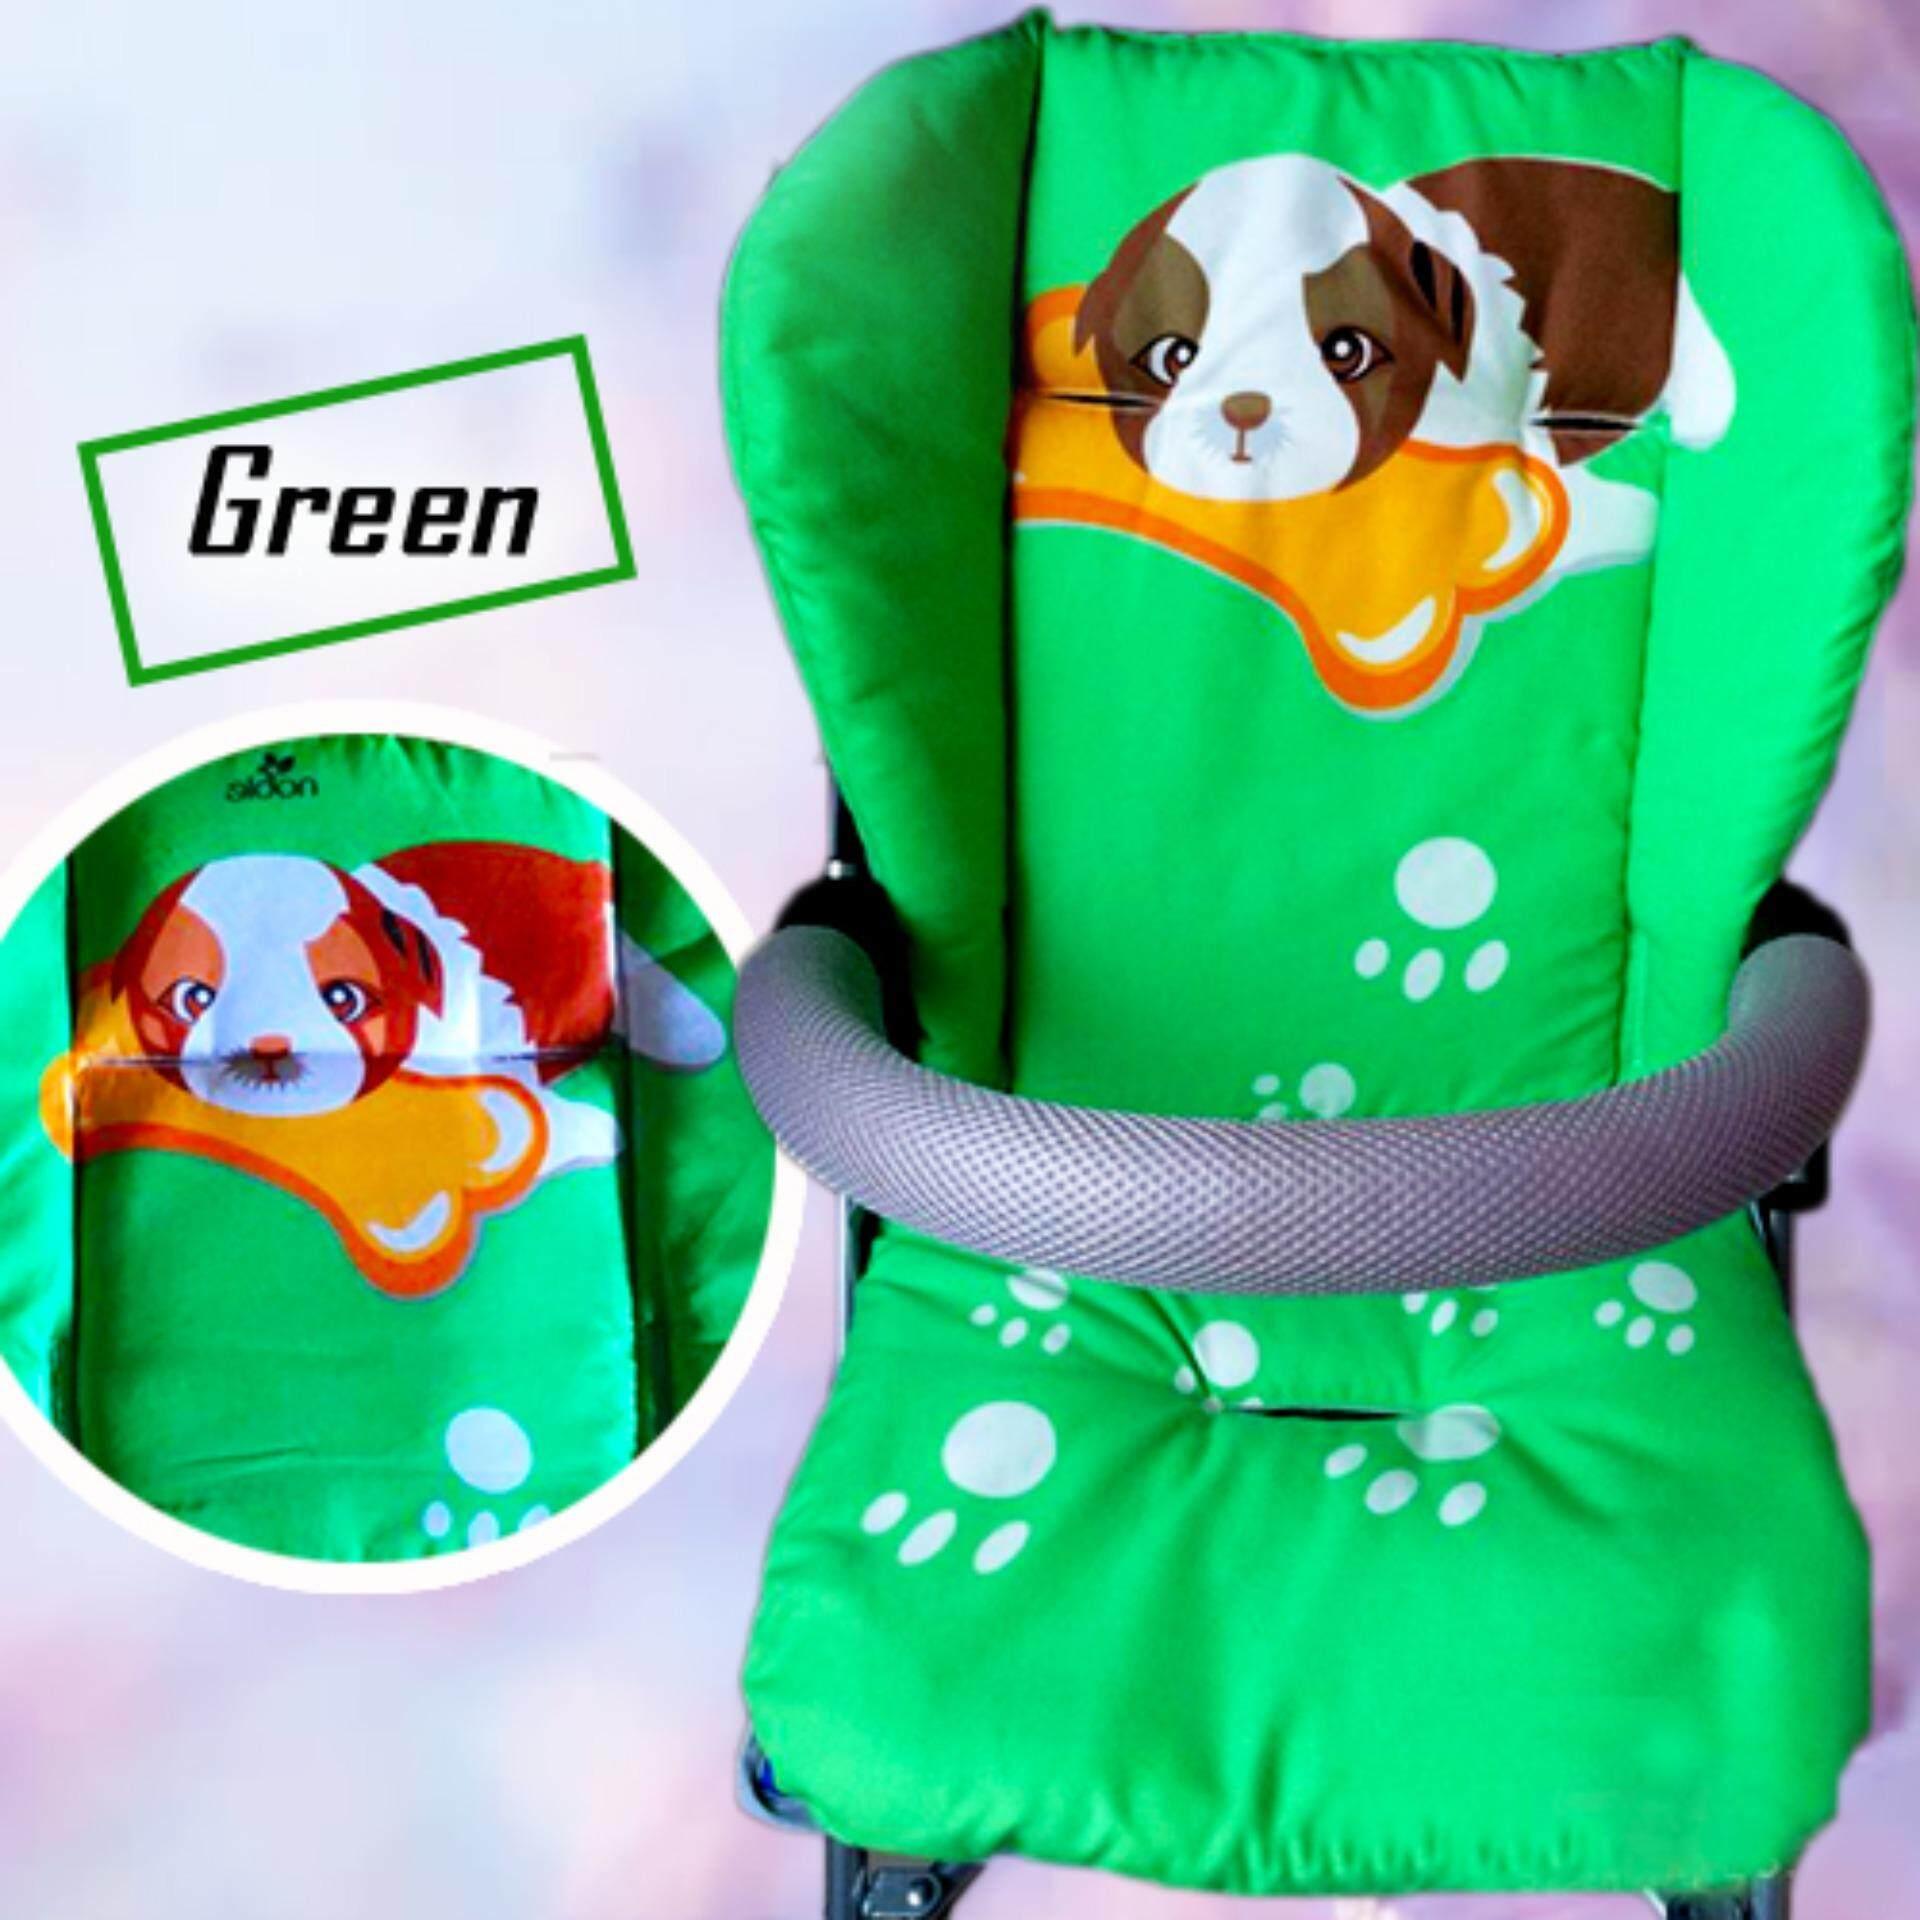 ขอโค๊ดส่วนลด GB อุปกรณ์เสริมรถเข็นเด็ก GB Pockit+ Travel Bag มีประกินสินค้า